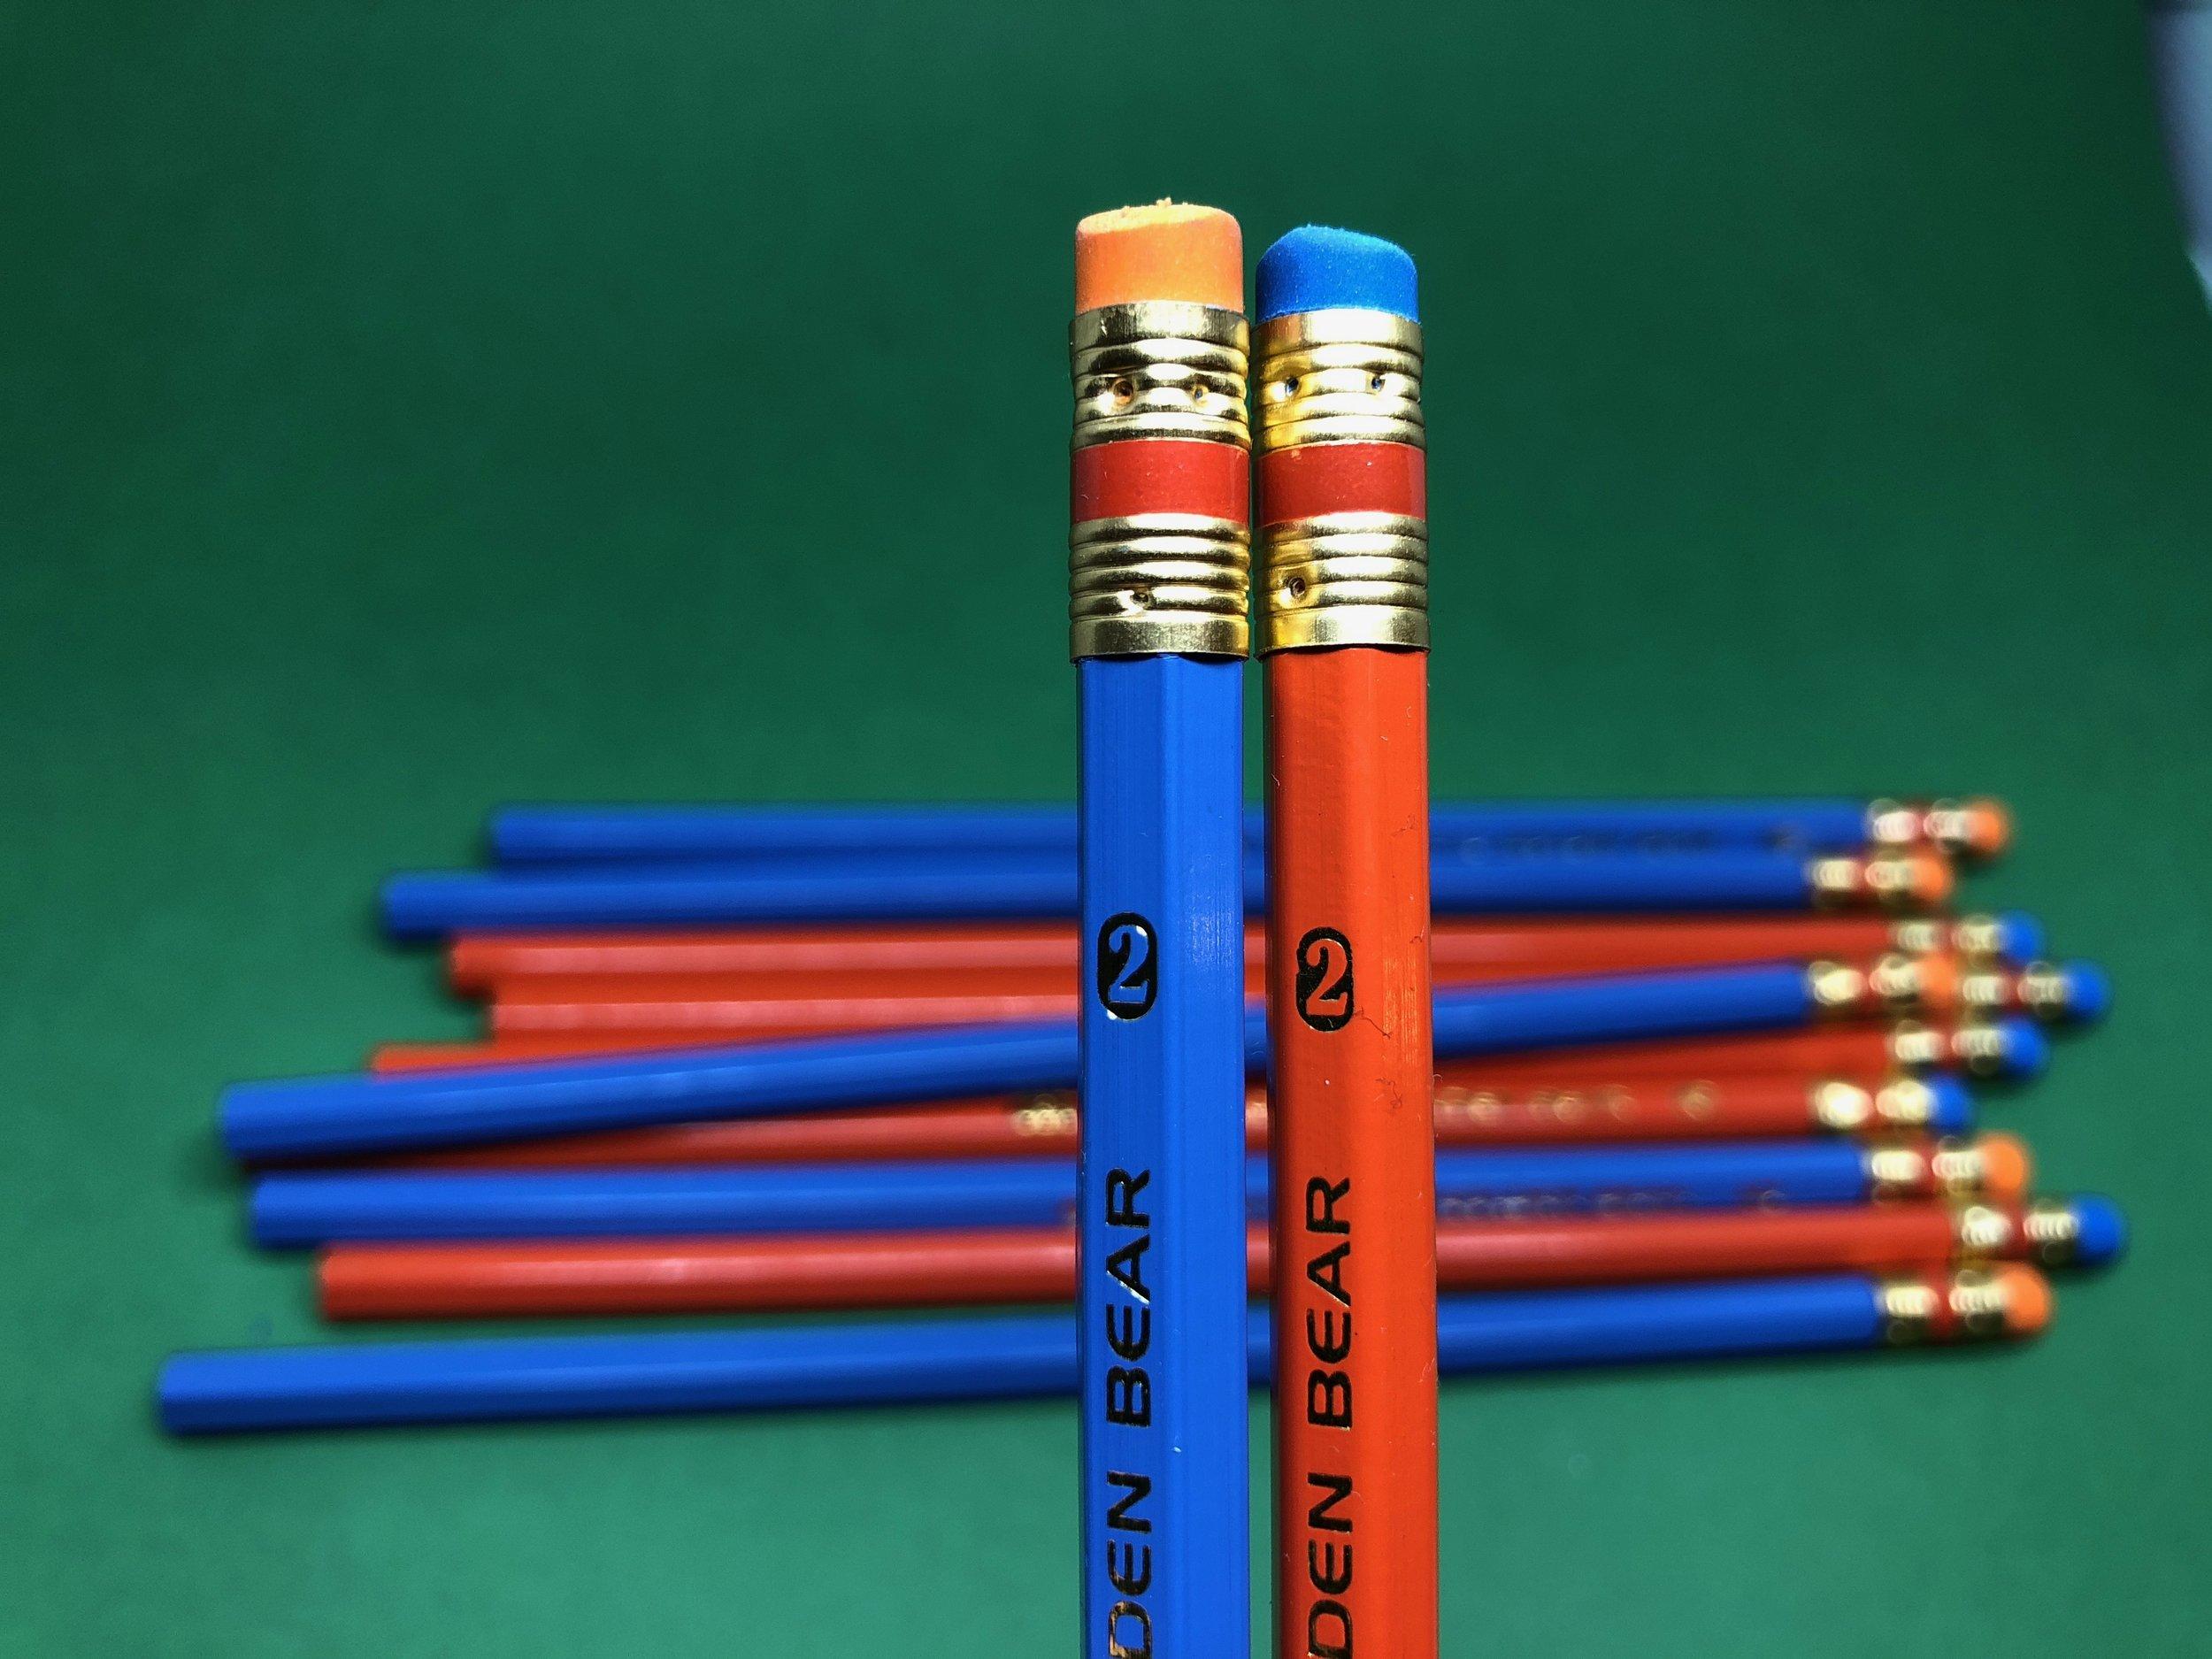 palomino-golden-bear-pencil-7.jpg